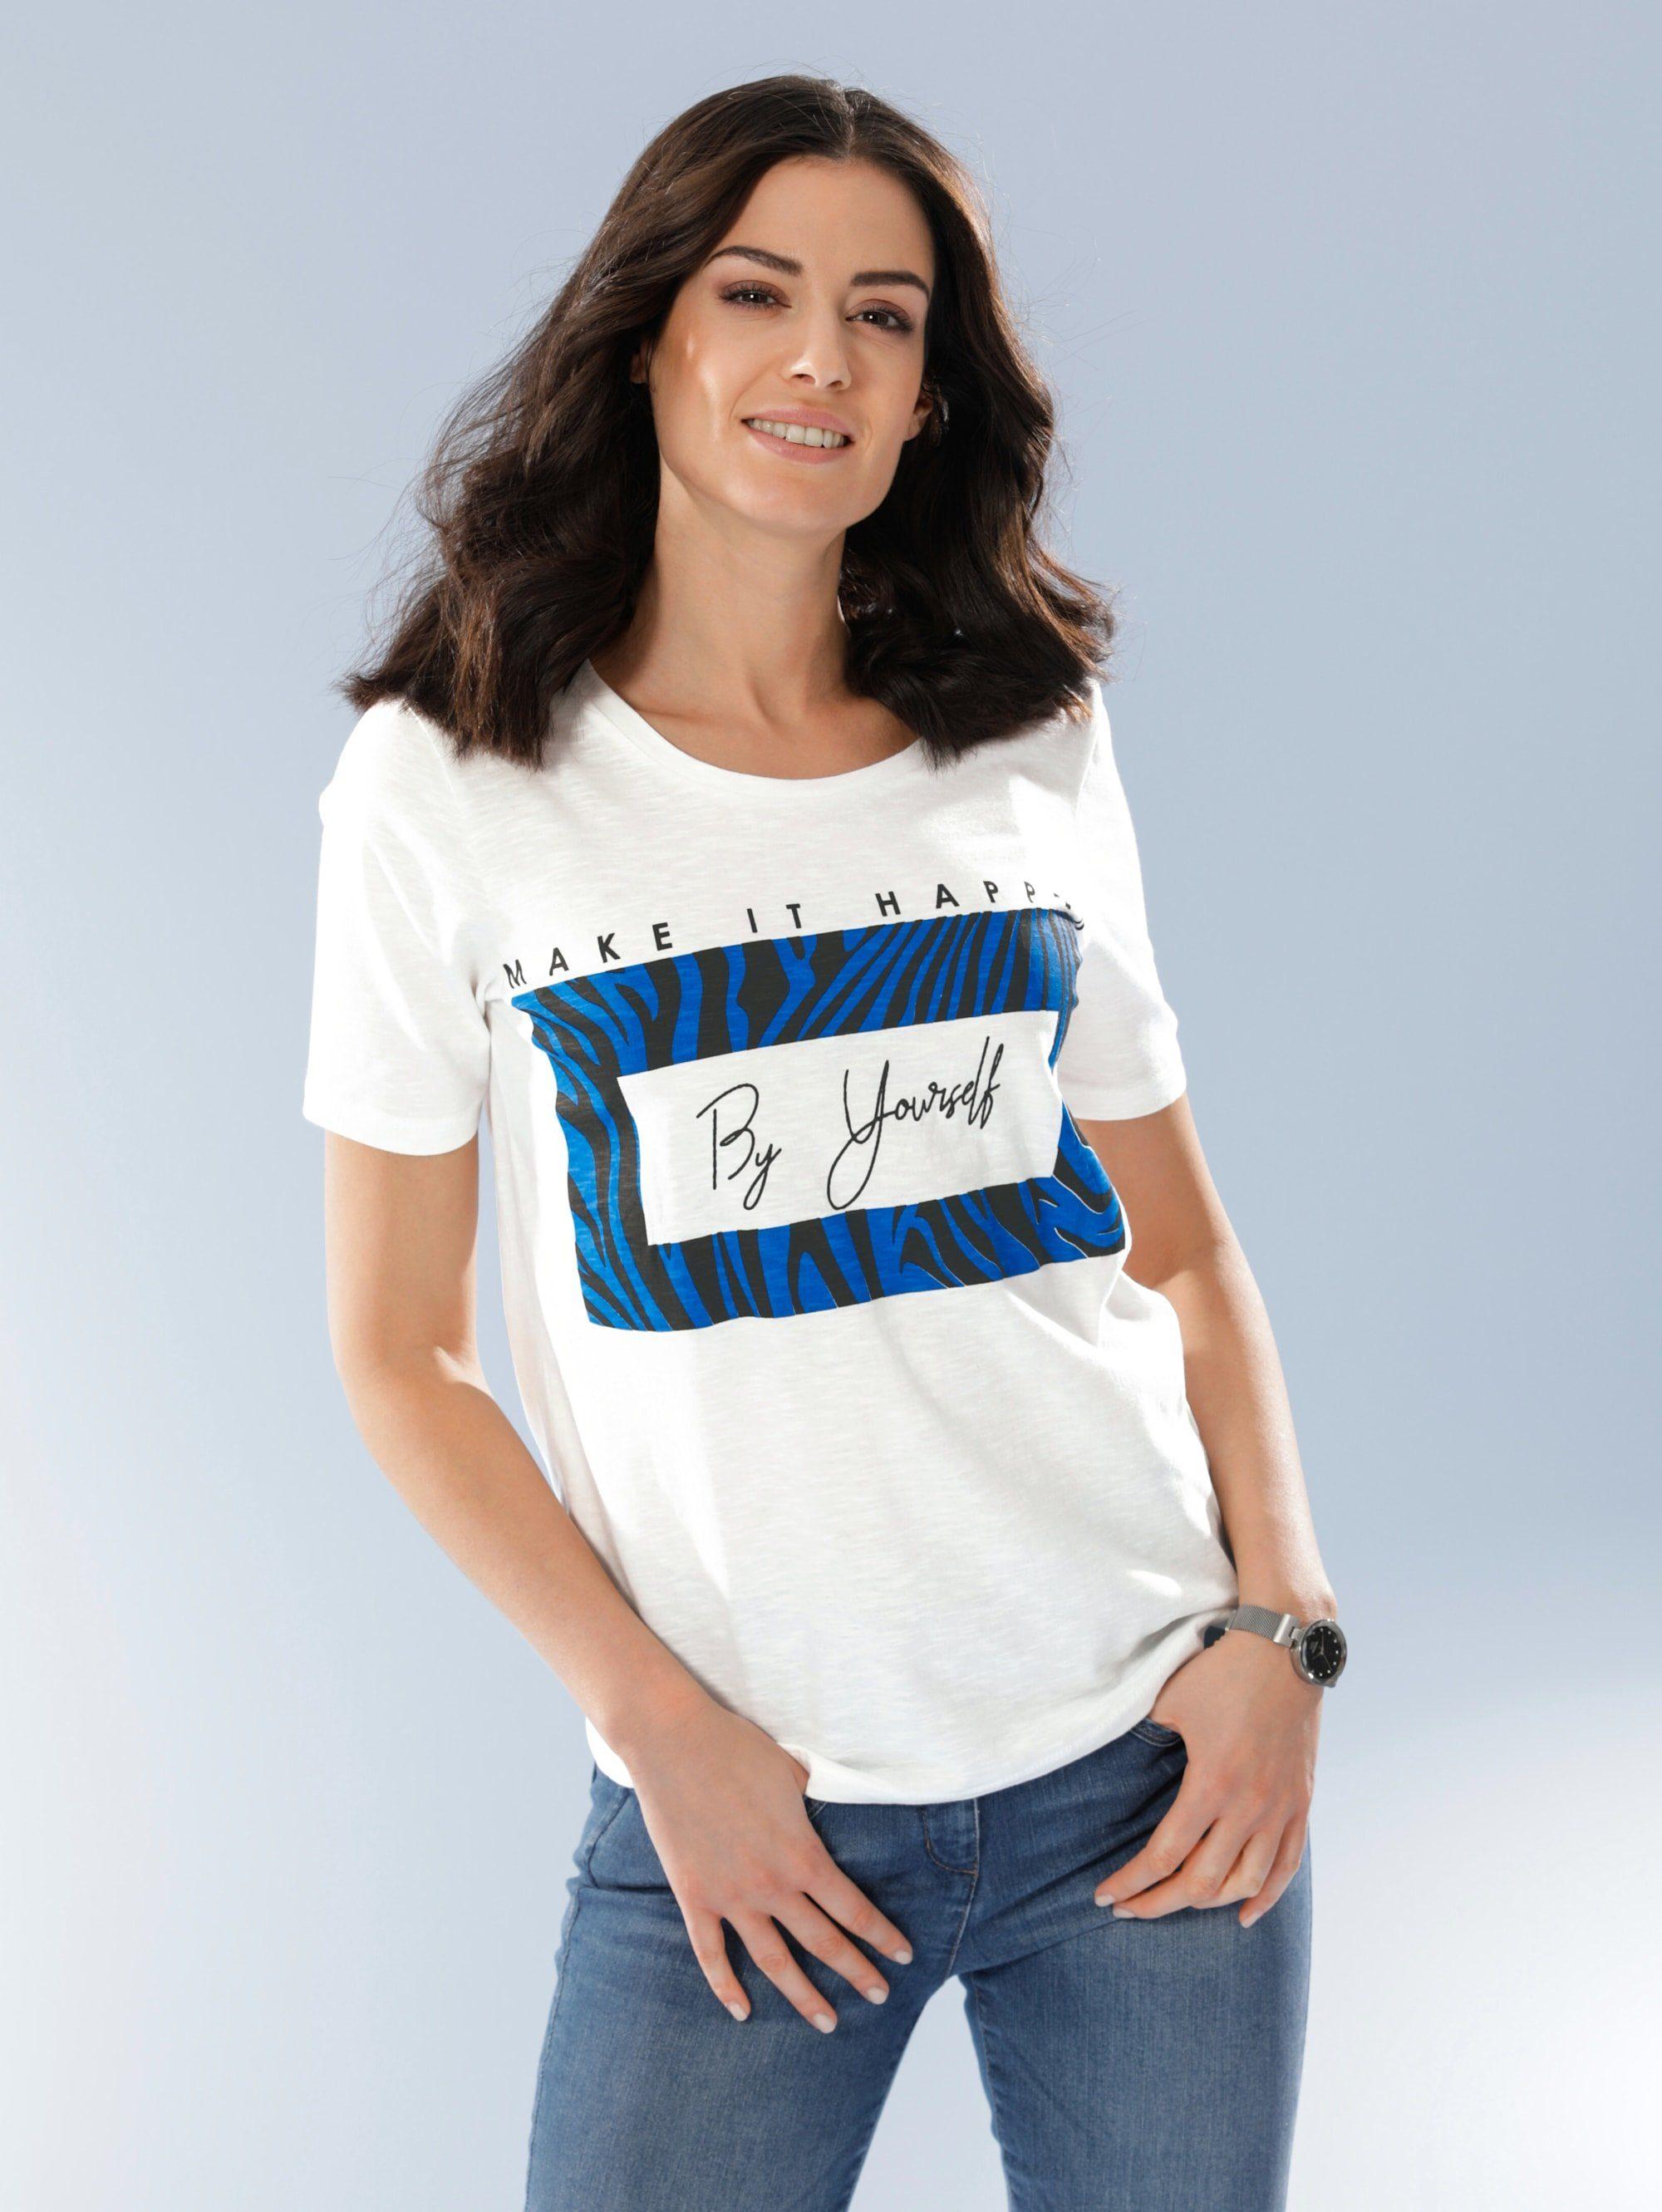 Dress In Shirt mit modernem Druck, Aus reiner Baumwolle